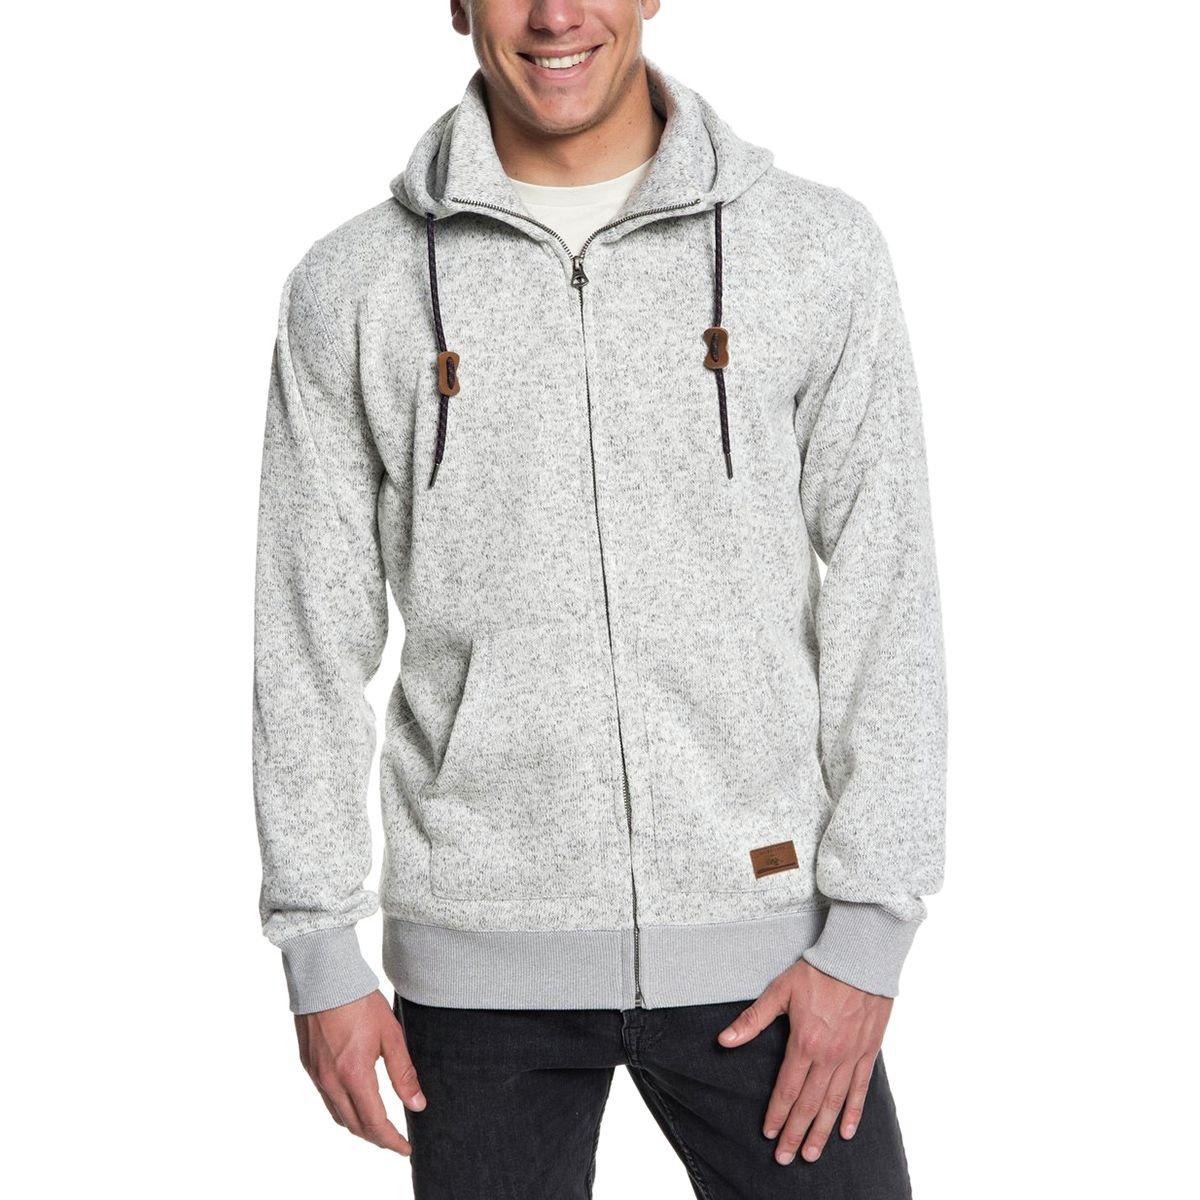 Quiksilver Men's Keller Zip UP Hoodie Jacket, Light Grey Heather, XXL